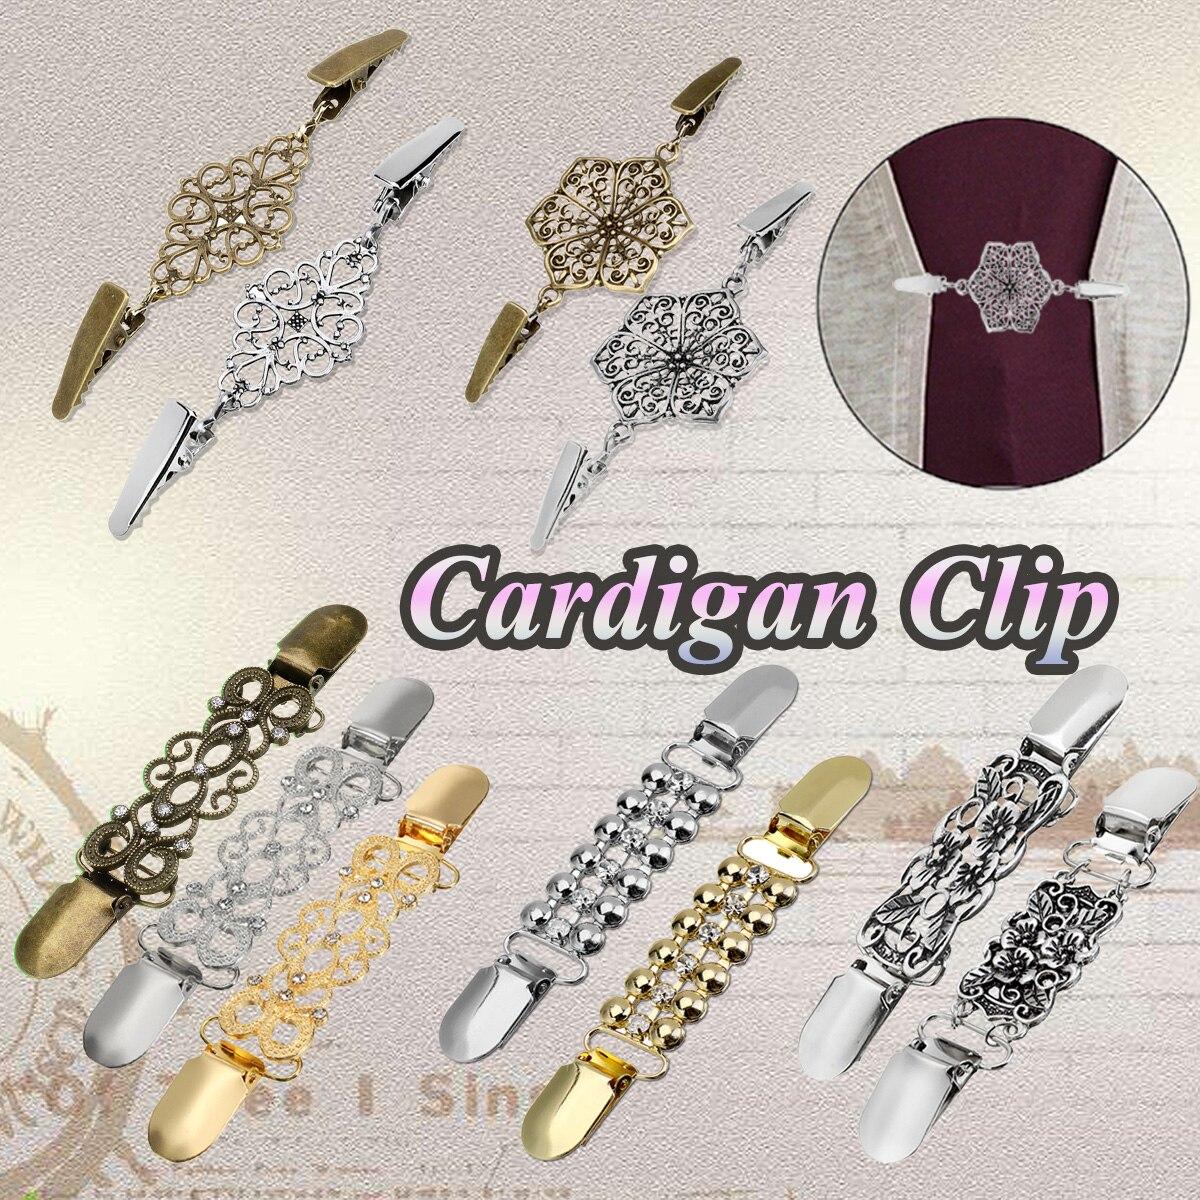 Retro Metall Ente Clip Frauen Pullover Bluse Schal Hemd Kragen Strickjacke Clips Schnalle Für Kleidung Decor Gold/Silber/ bronze